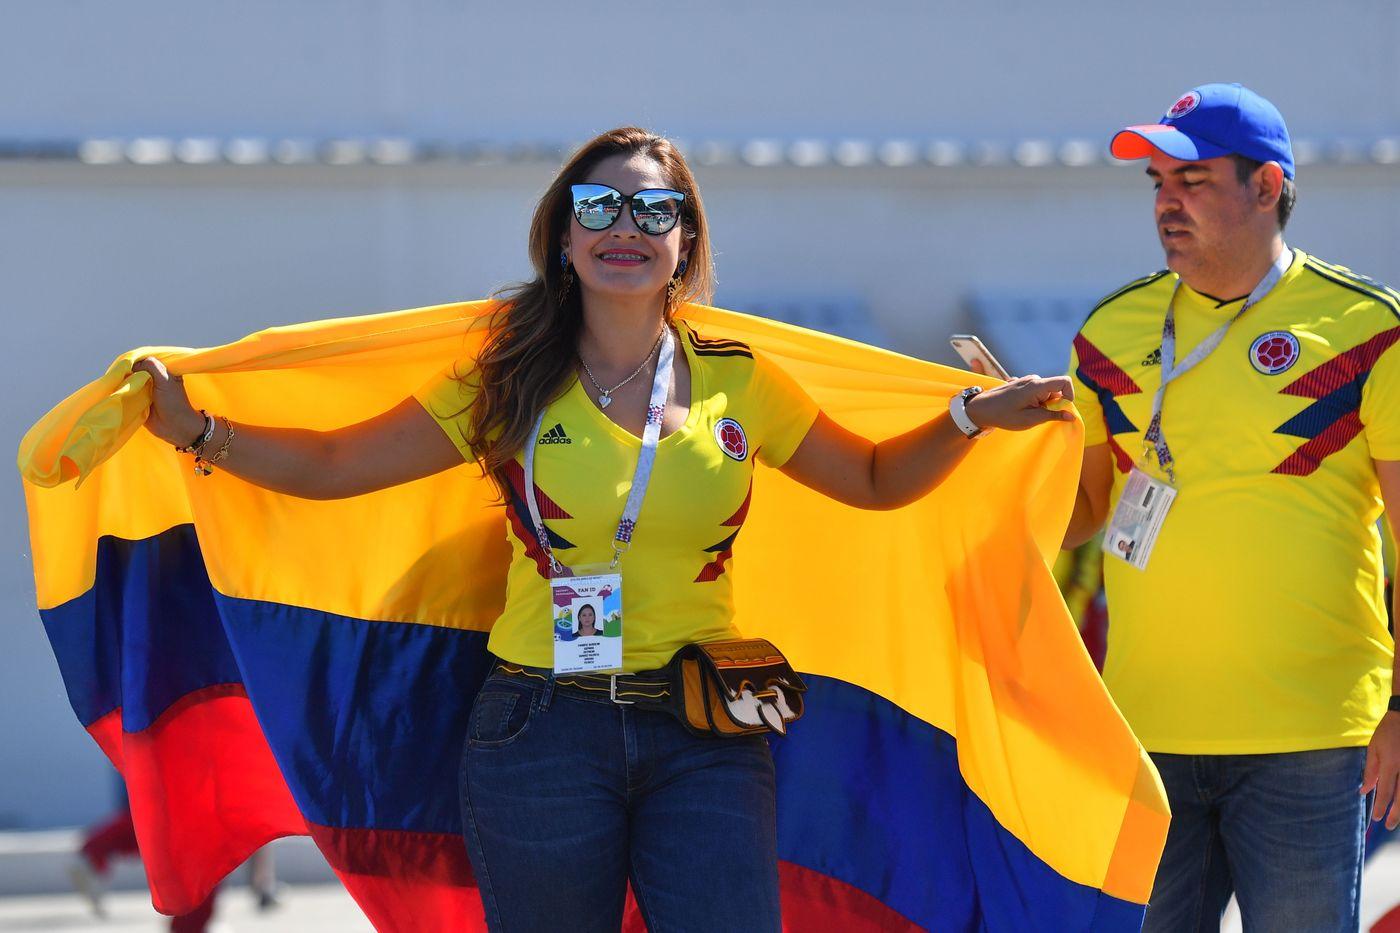 Amichevole, Colombia-Costa Rica mercoledì 17 ottobre: analisi e pronostico della gara amichevole tra le due selezioni americane